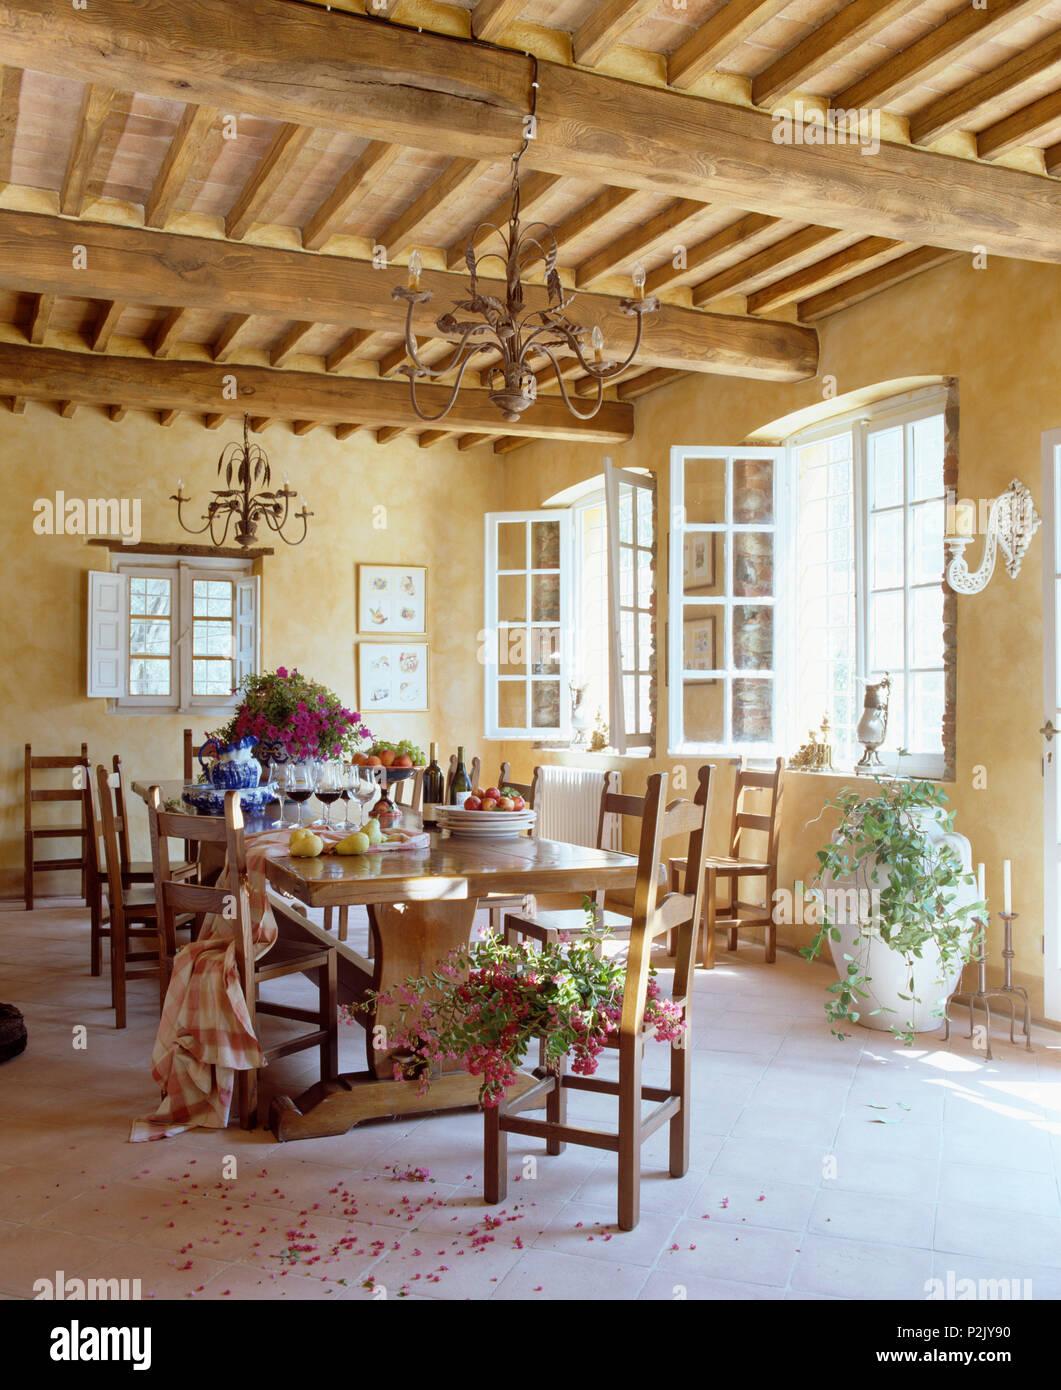 Techo con vigas rústicas en toscano simple comedor con mesa ...